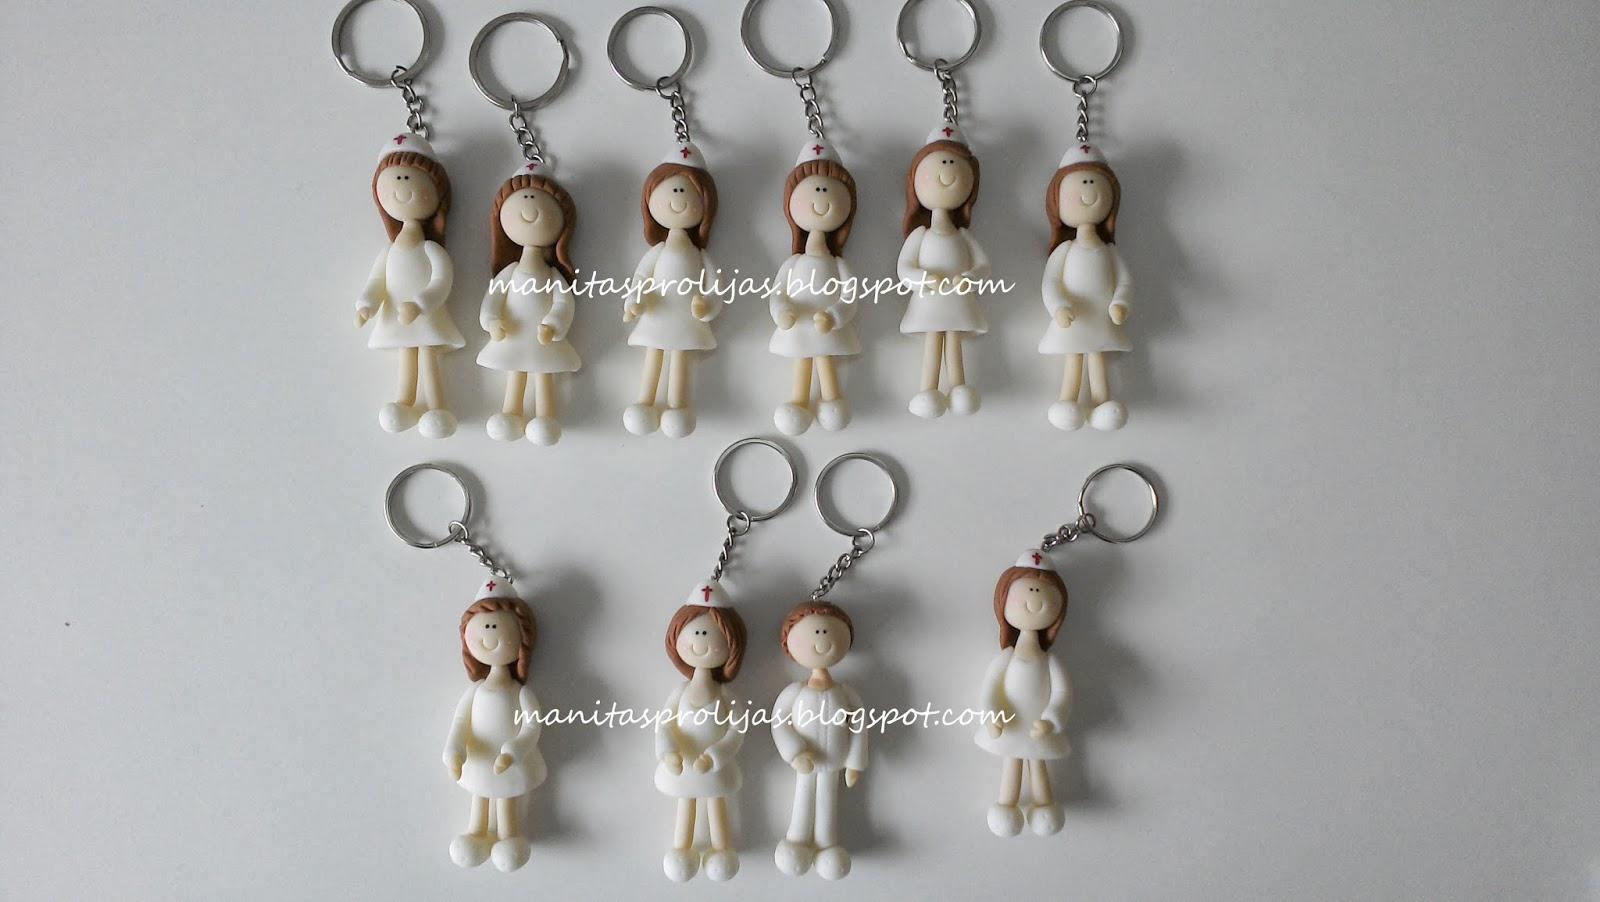 Manitas prolijas 80 llaveros de enfermer s en porcelana - Regalos para enfermeras ...